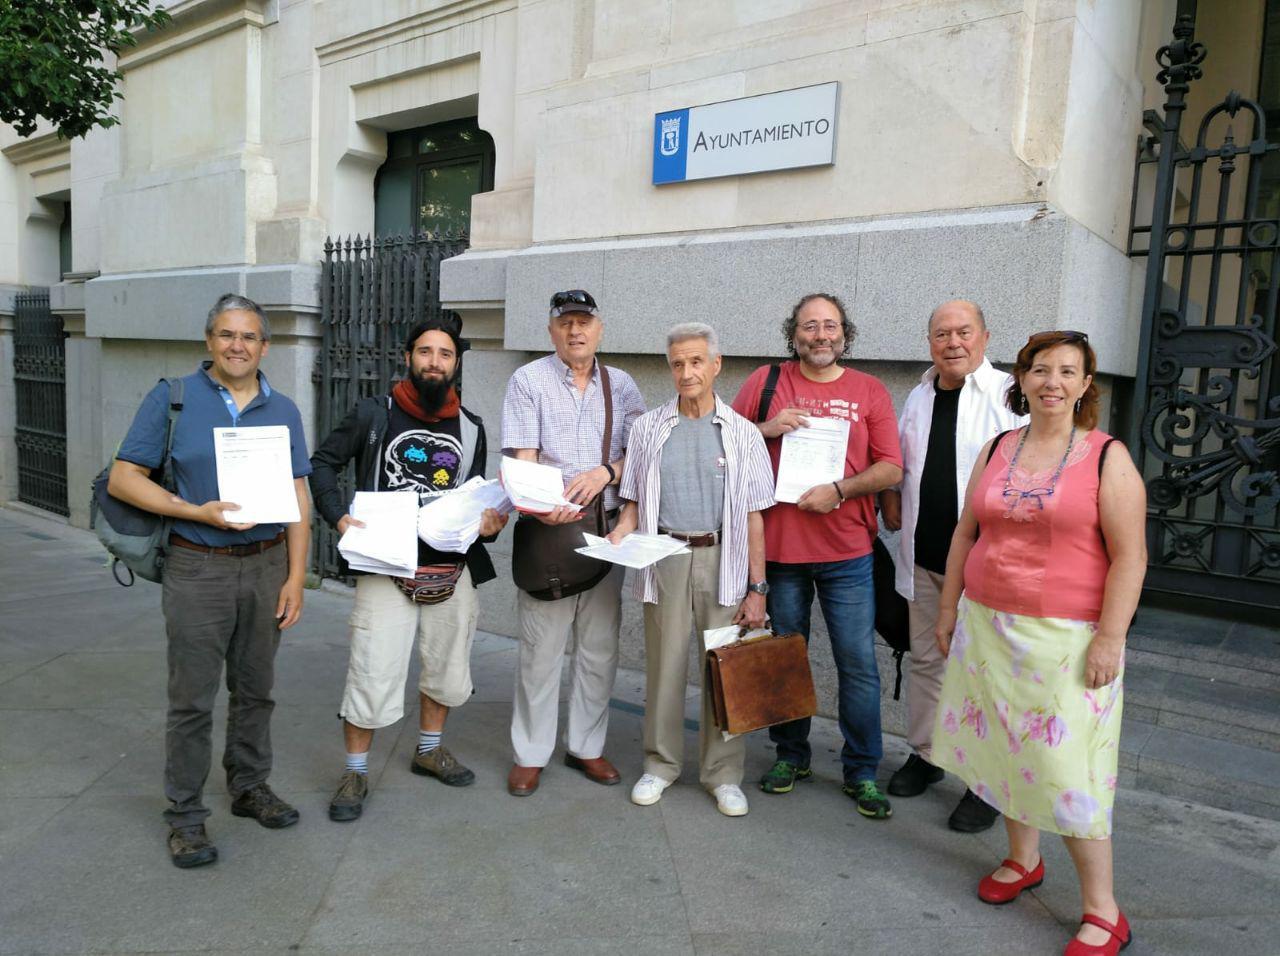 24.000 firmas por el cierre definitivo de la incineradora de Valdemingómez